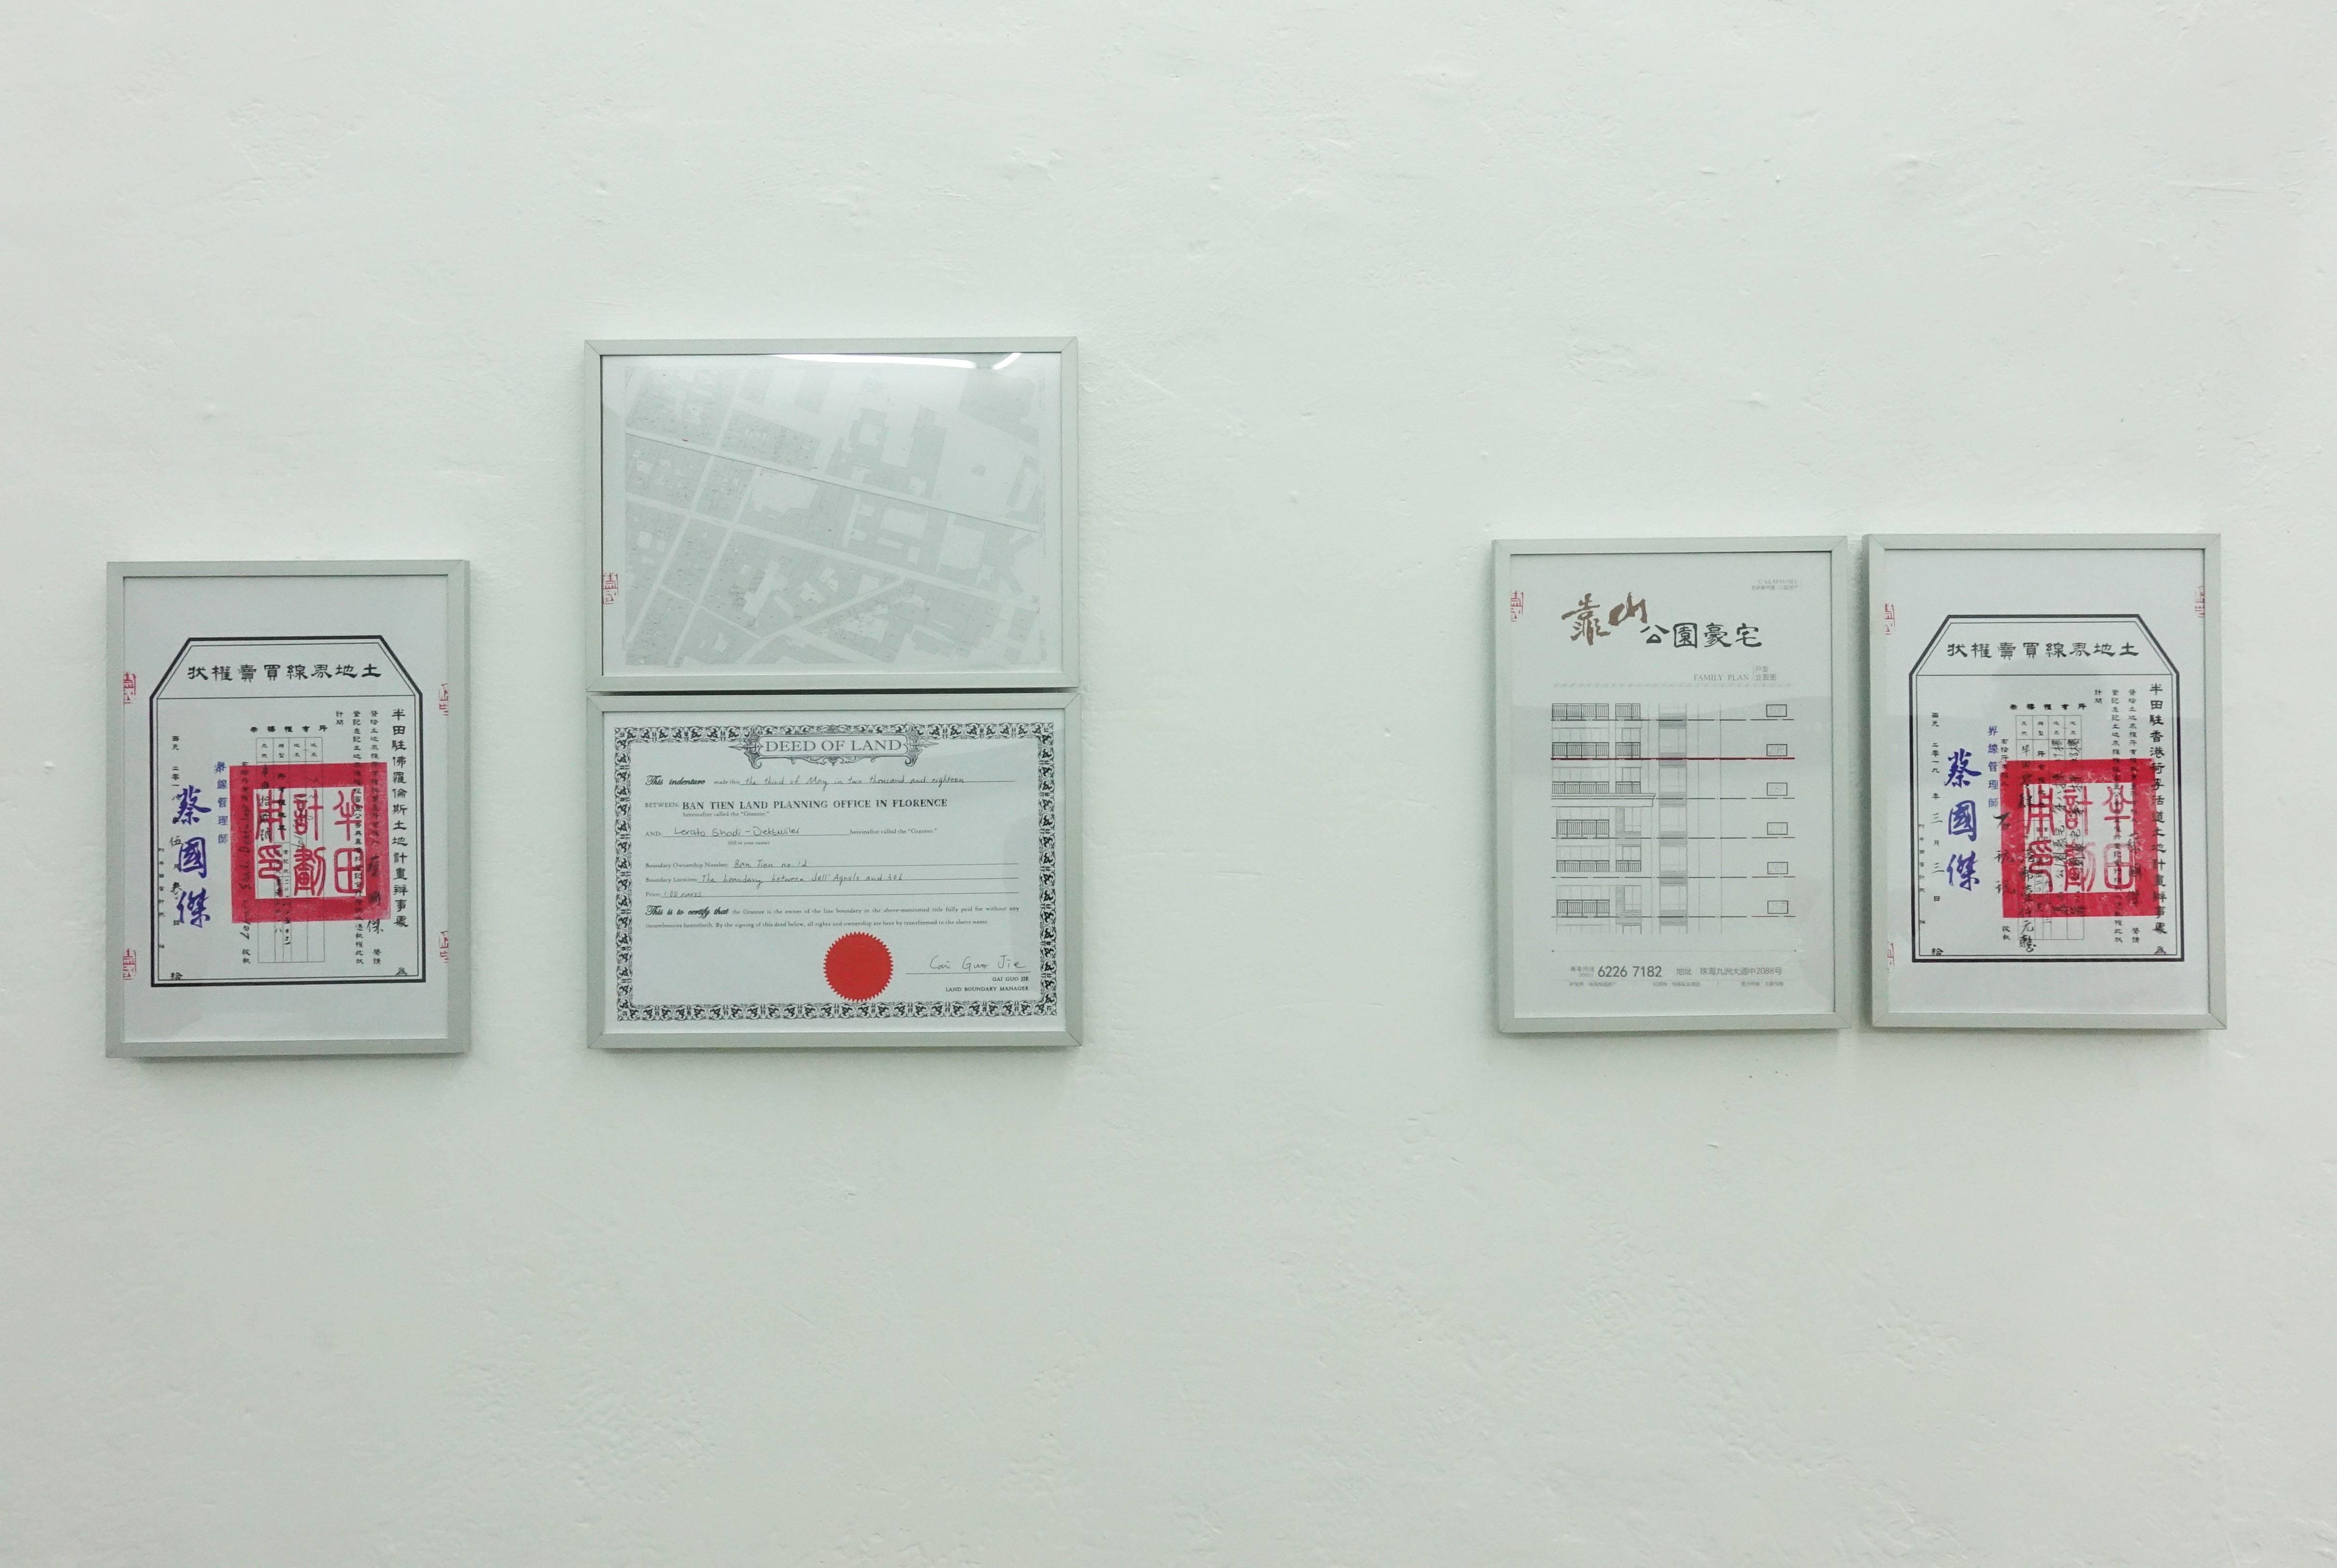 蔡國傑紙本權狀作品系列於伊通公園現場展出。